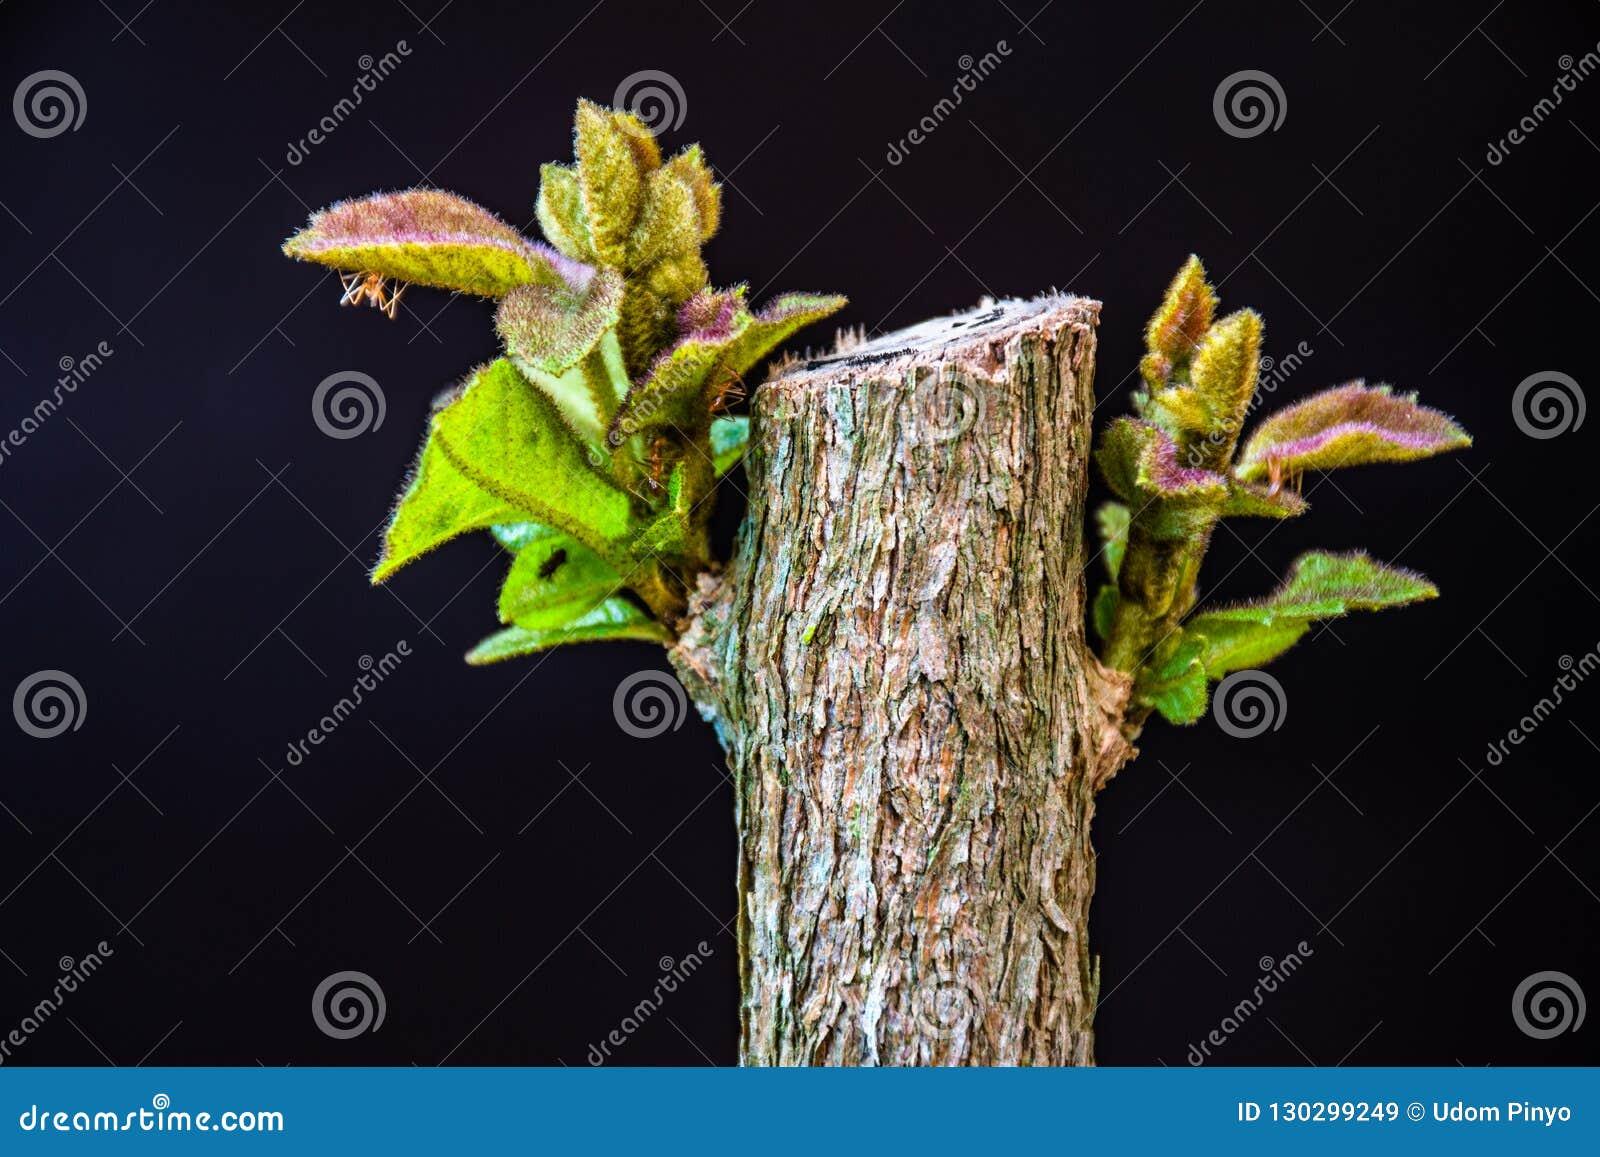 Junge Blätter des Schmetterlingsbusches